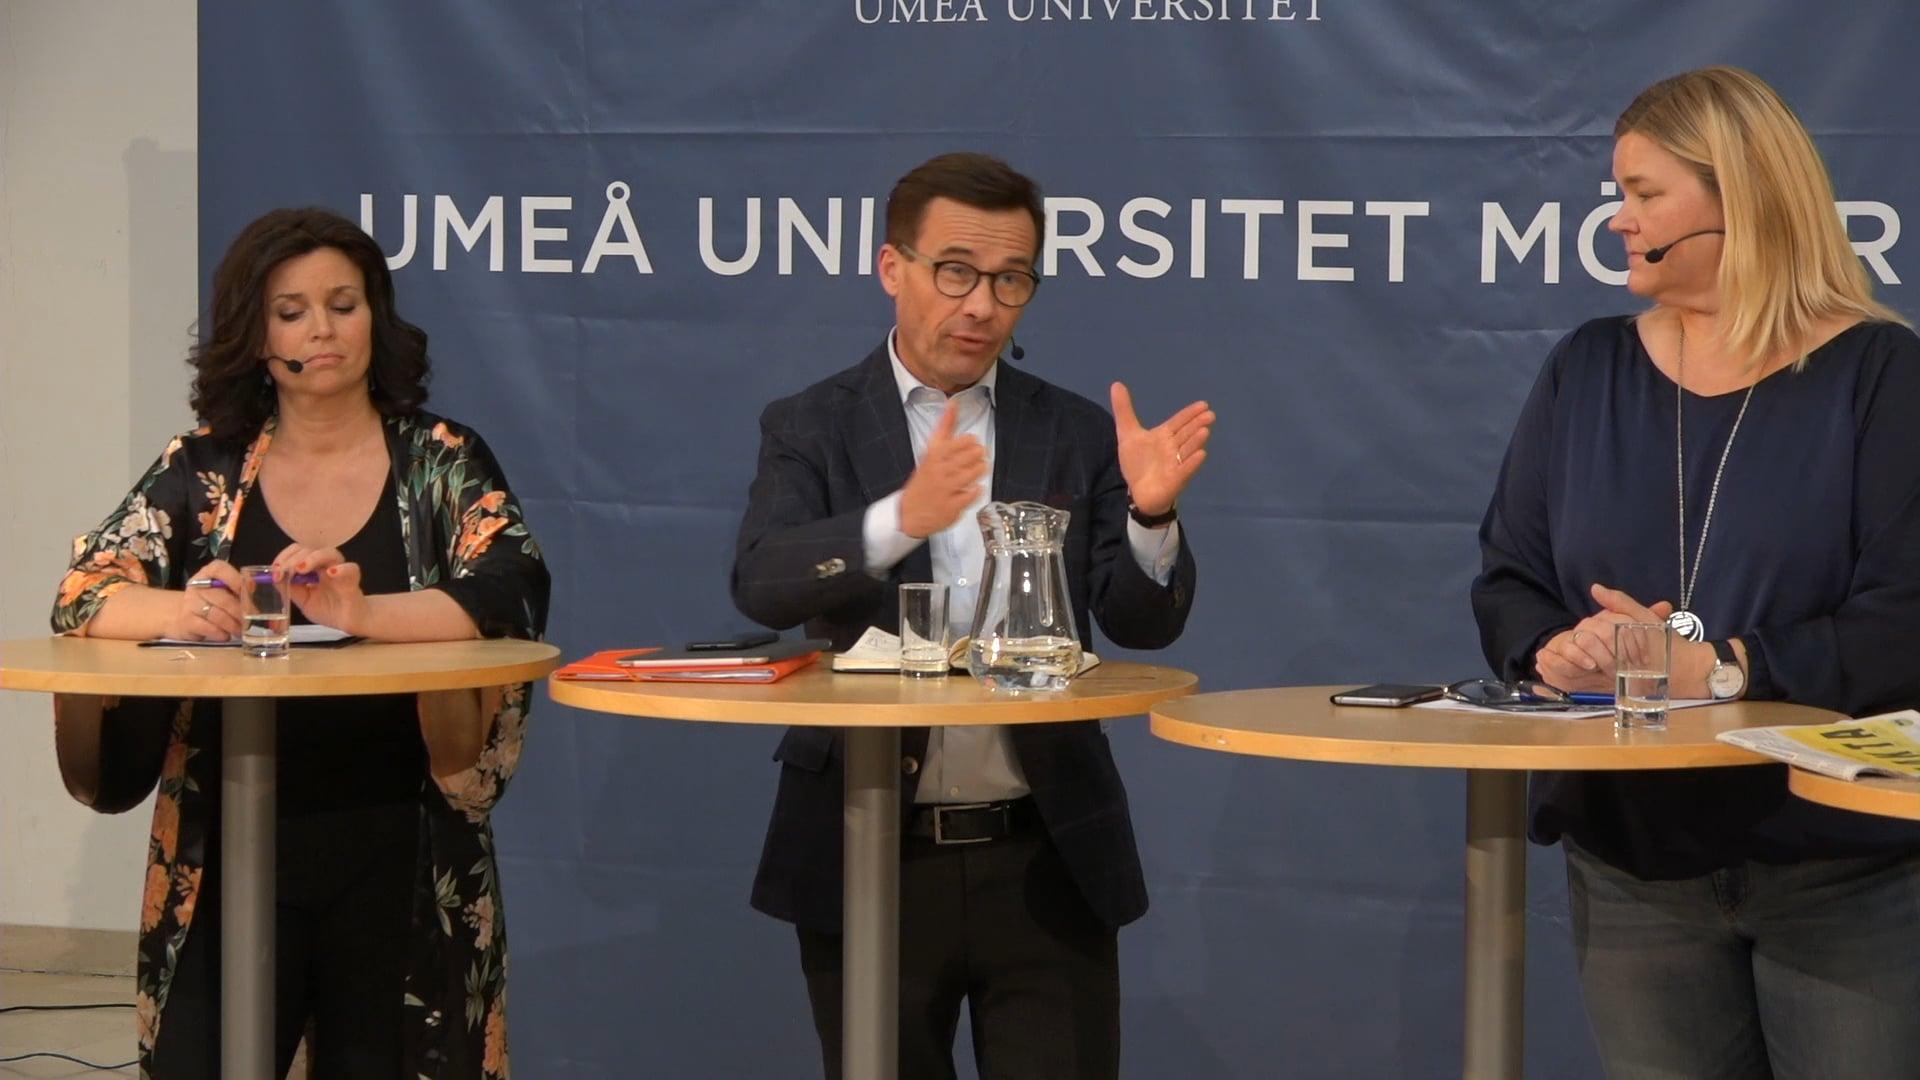 Film: Kort intervju med moderaternas partiledare Ulf Kristersson